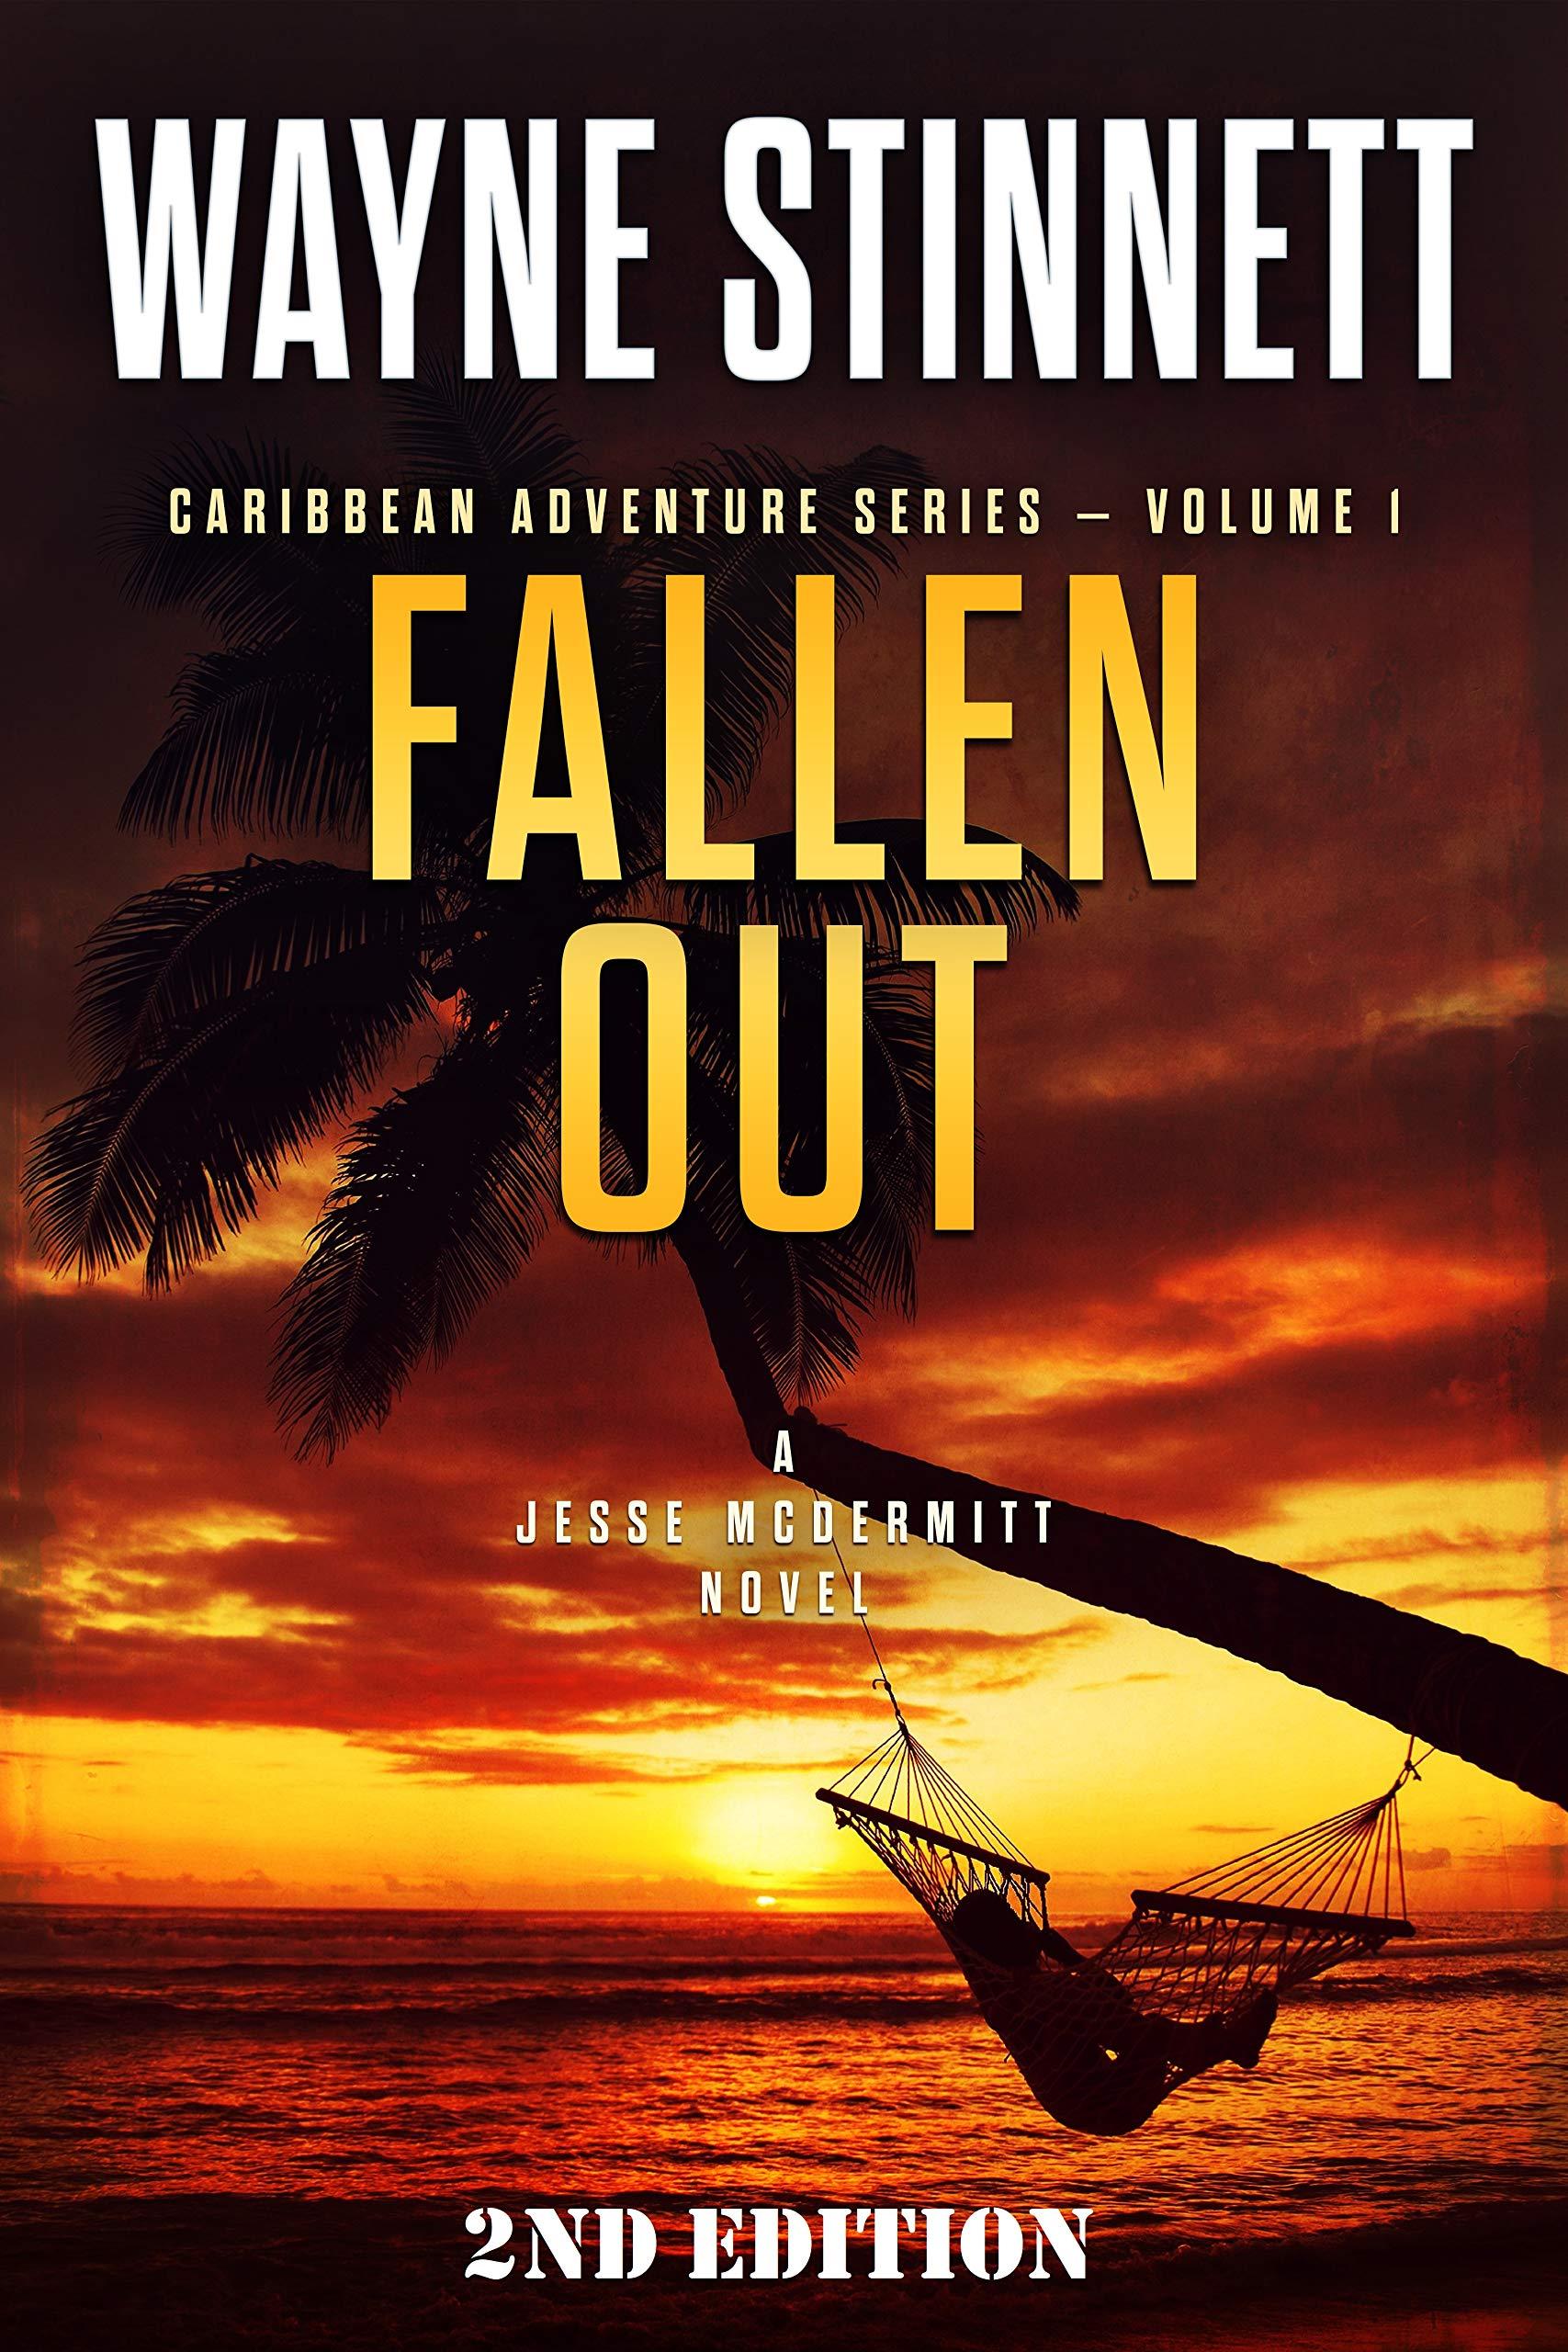 Fallen Out: A Jesse McDermitt Novel (Caribbean Adventure Series Book 1) por Wayne Stinnett